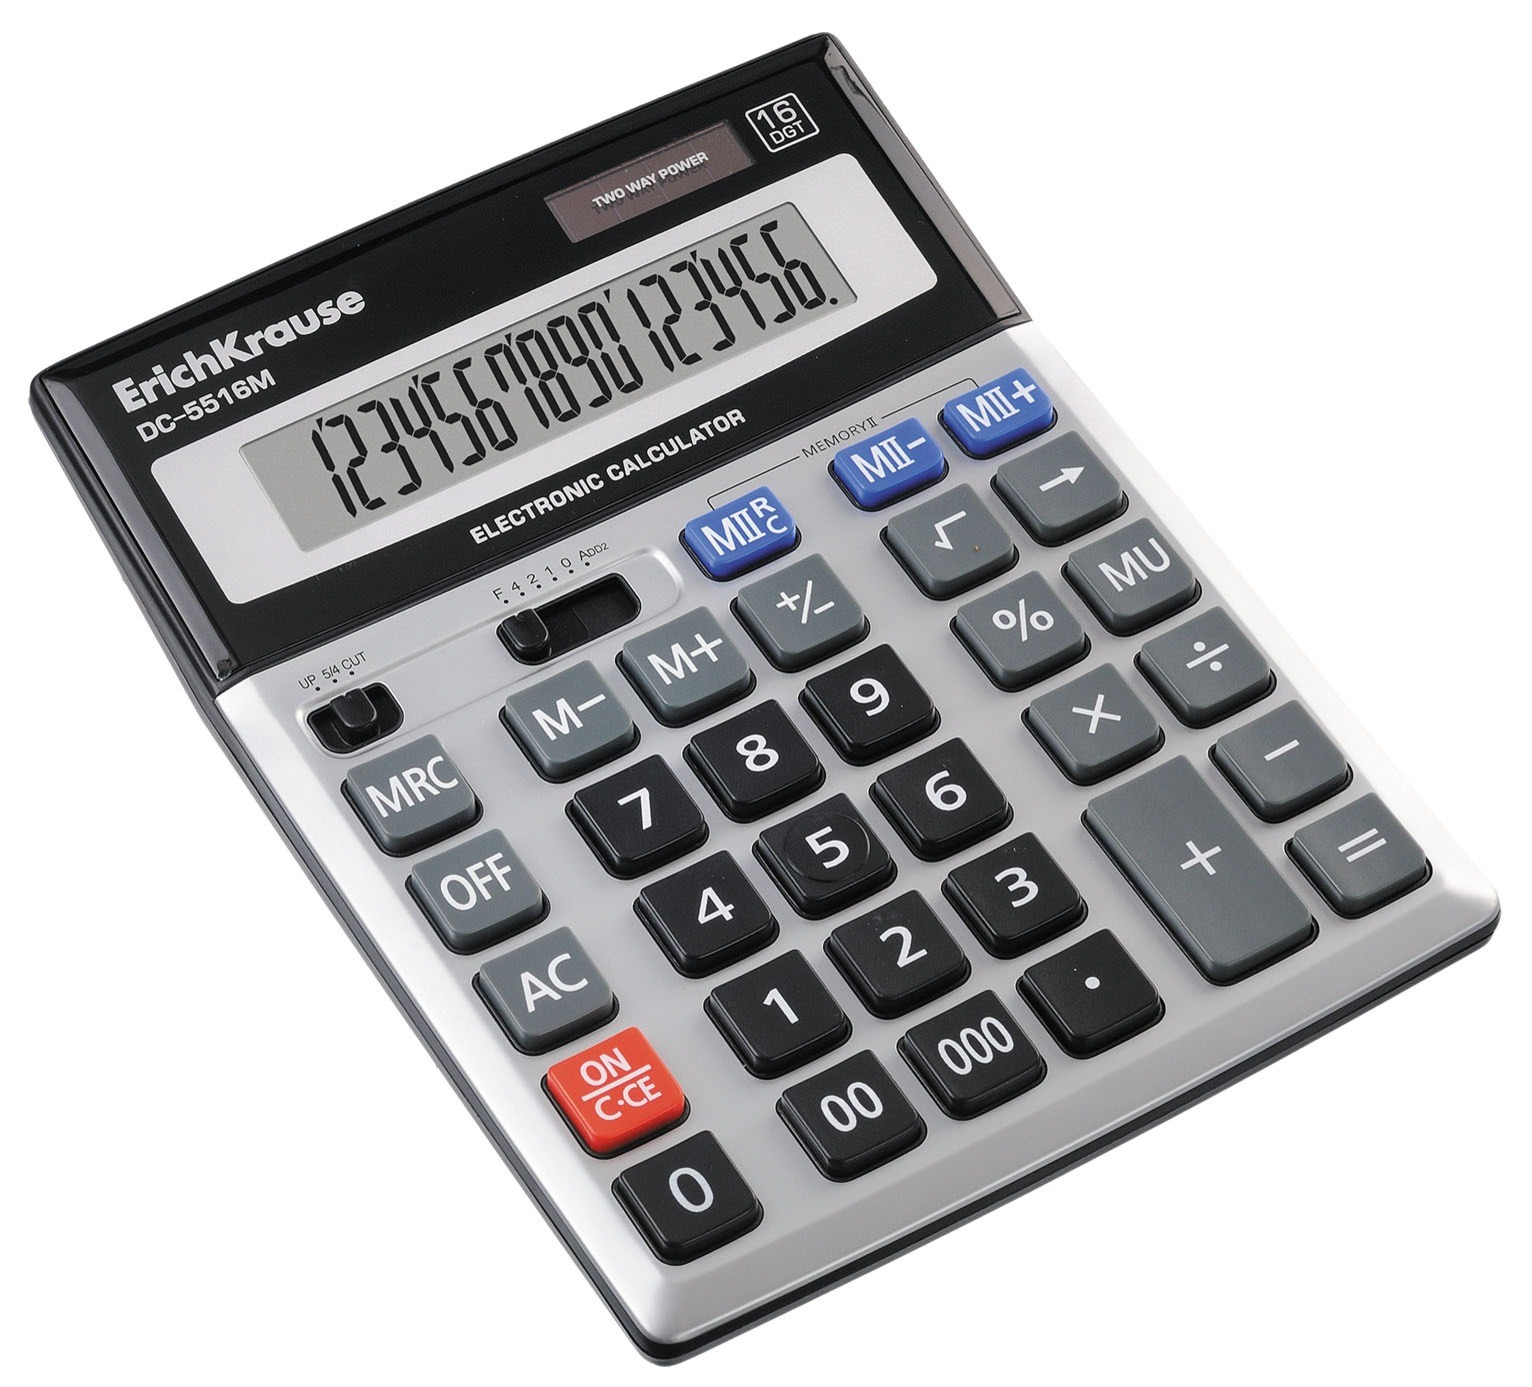 Расчет заказа после замераНа вашем объекте замерщик сделает замер и снимет размеры проемов, всю информацию по вашему объекту передадут в наш расчетный отдел, и на основании данных будет сделан расчет стоимости. Цену мы вам озвучим по телефону или отправим коммерческое предложение на вашу электронную почту.